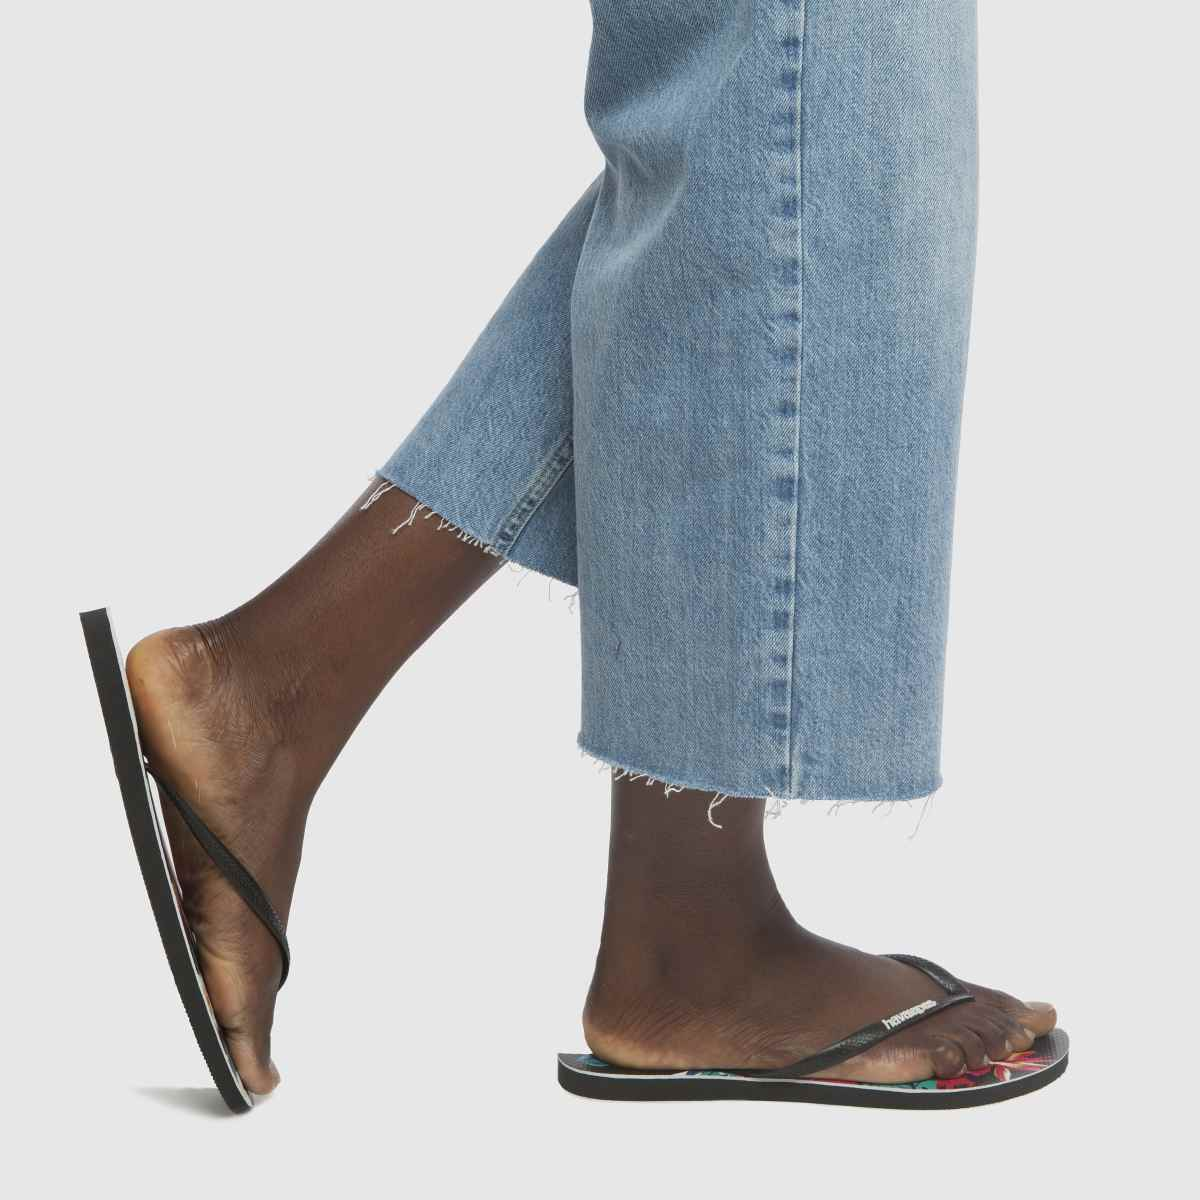 Damen Schwarz-rot havaianas Slim Tropical Floral Sandalen | schuh Gute Qualität beliebte Schuhe